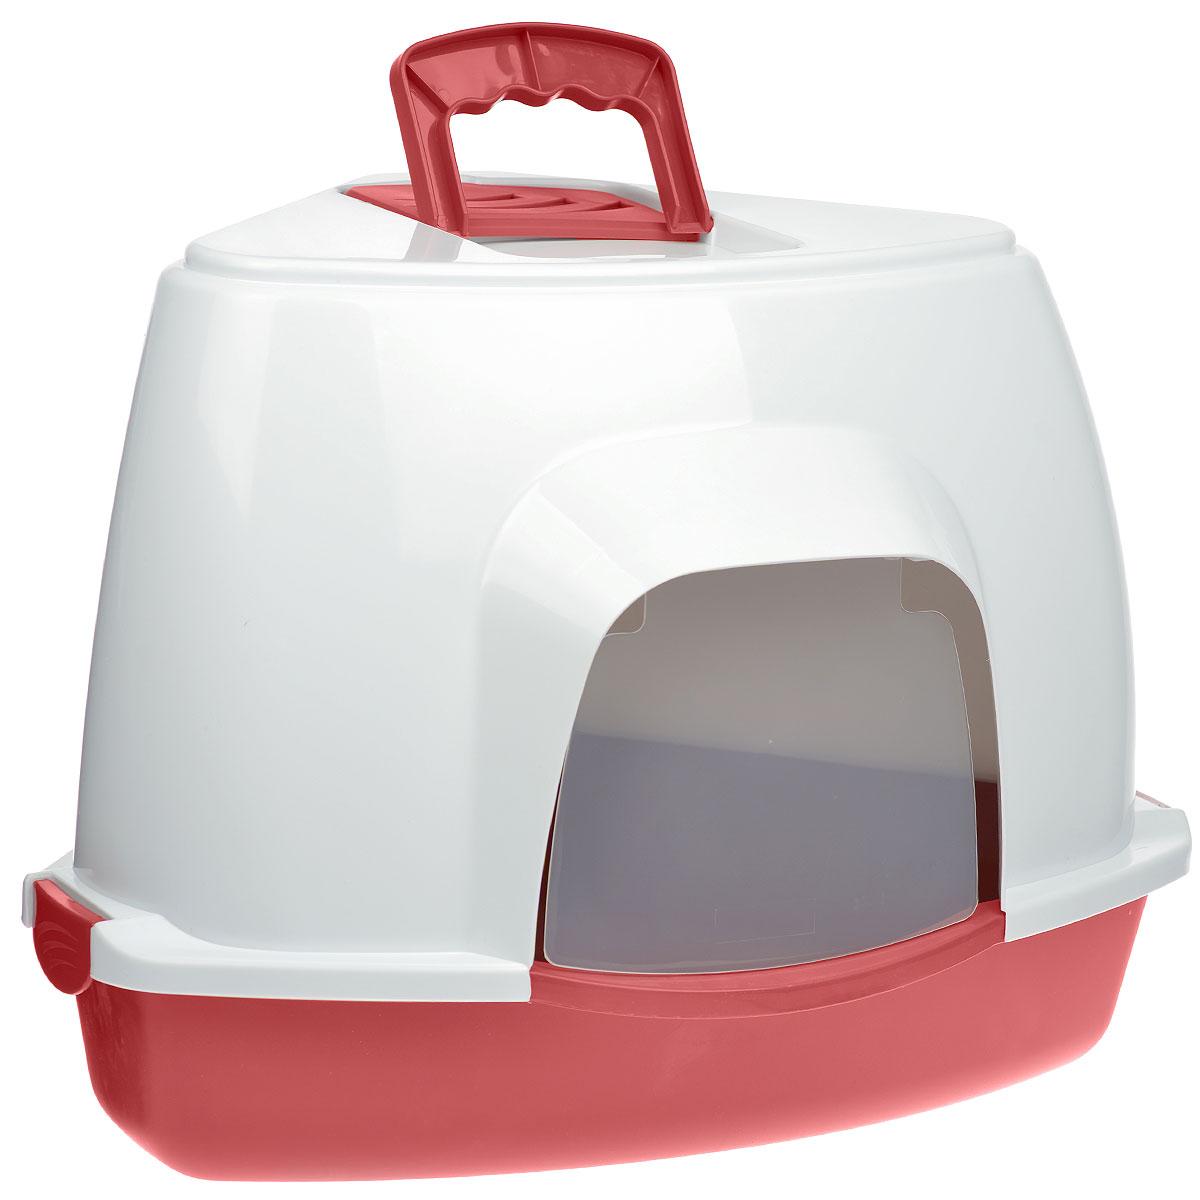 Туалет для кошек Fauna Kitty Luxer, цвет: красный, белый, 38 см х 38 см х 56 см54634 (8003)Закрытый угловой туалет для кошек Fauna Kitty Luxer выполнен из высококачественного пластика. Туалет довольно вместительный и напоминает домик. Он оснащен прозрачной открывающейся дверцей, сменным угольным фильтром и удобной ручкой для переноски. Такой туалет избавит ваш дом от неприятного запаха и разбросанных повсюду частичек наполнителя. Кошка в таком туалете будет чувствовать себя увереннее, ведь в этом укромном уголке ее никто не увидит. Кроме того, яркий дизайн с легкостью впишется в интерьер вашего дома. Туалет легко открывается для чистки благодаря практичным защелкам по бокам.